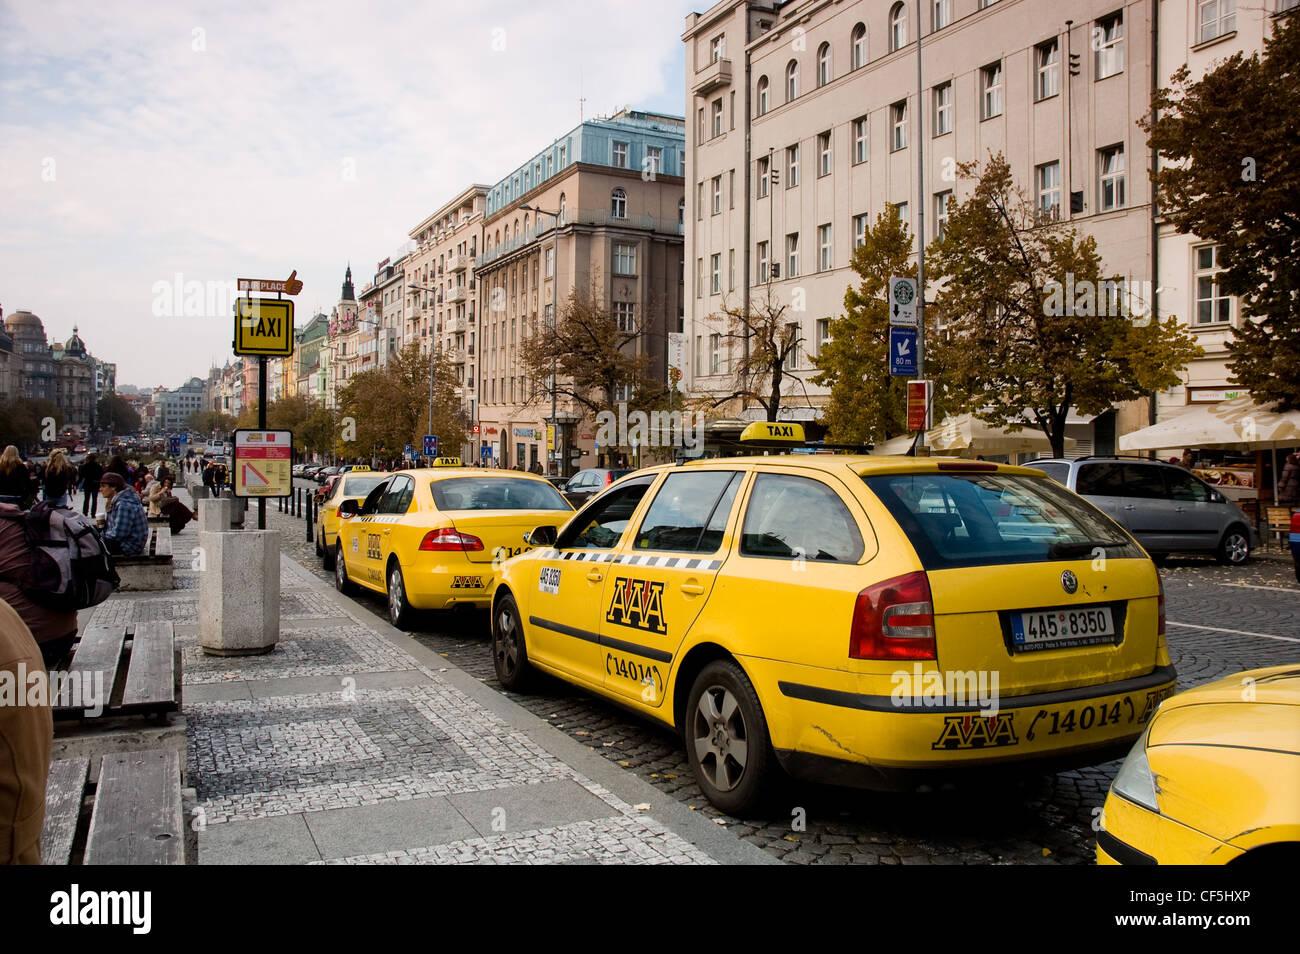 Chech Taxi